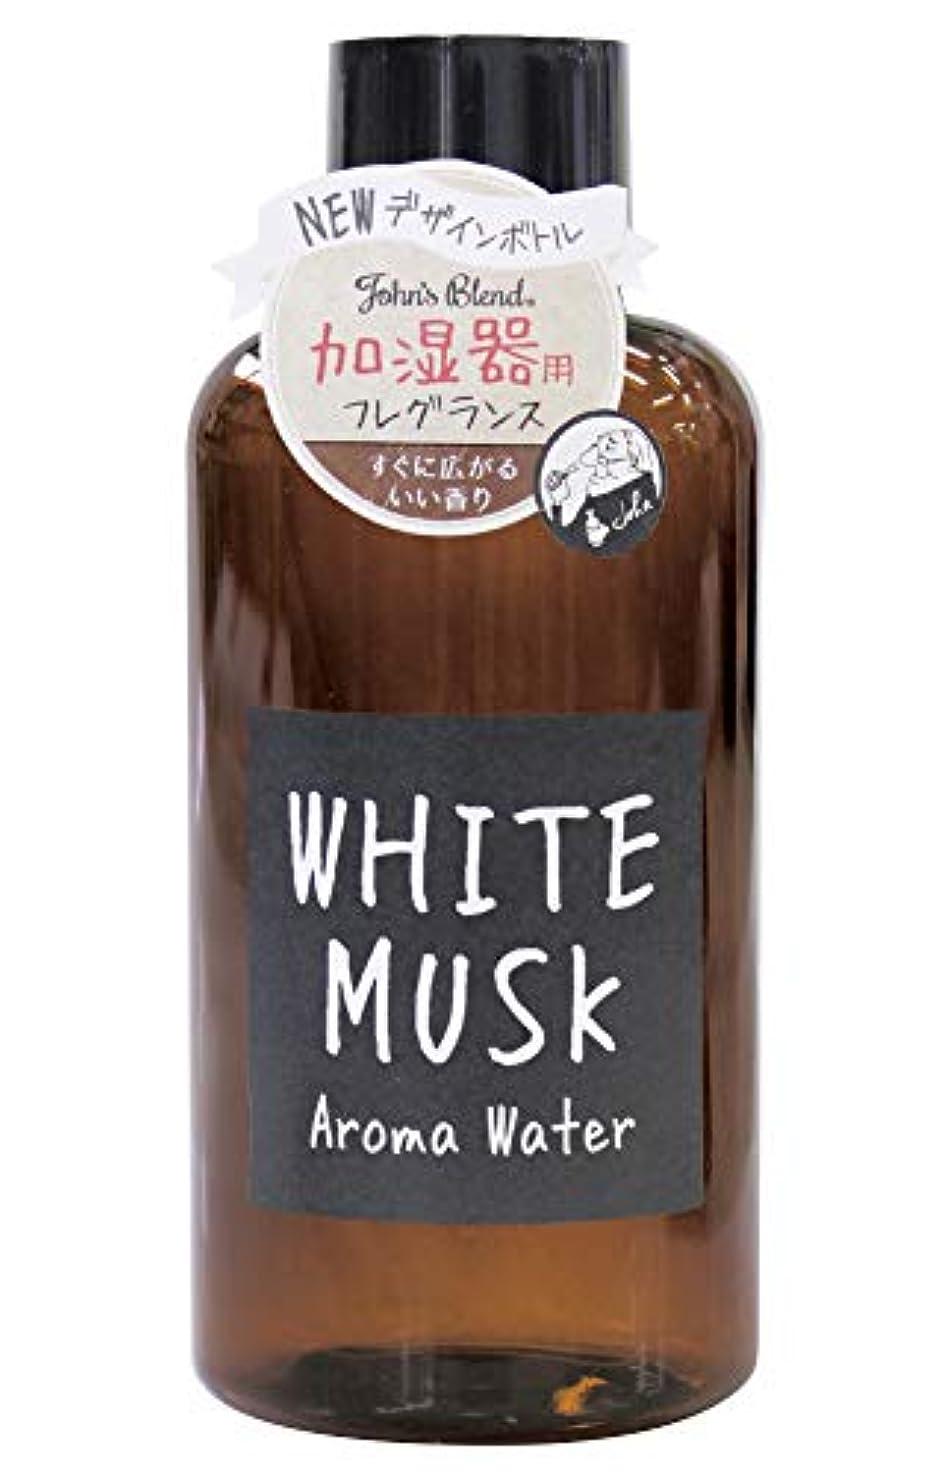 真実に言うまでもなく暴動ノルコーポレーション JohnsBlend(ジョンズブレンド) アロマウォーター 加湿器用 520ml ホワイトムスクの香り OA-JON-23-1 リキッド?液体 単品